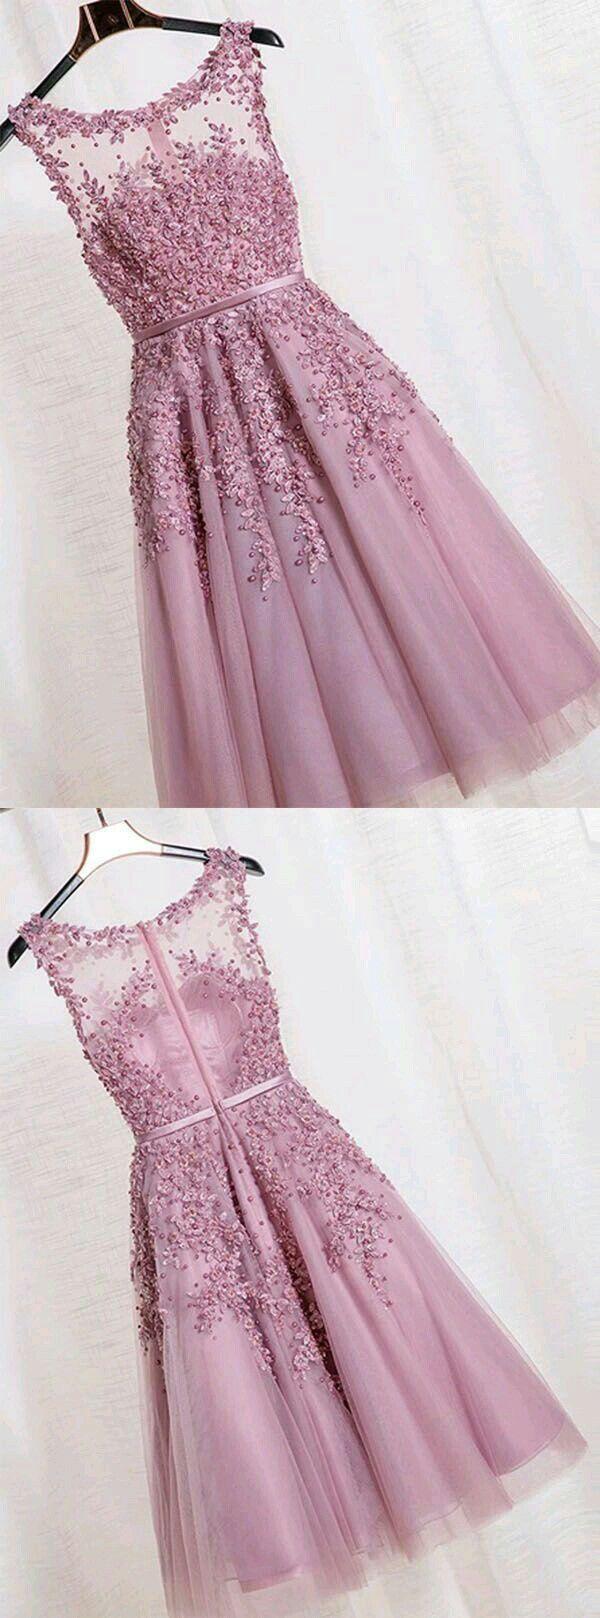 Baby pink frock vestidos de noche pinterest frocks prom